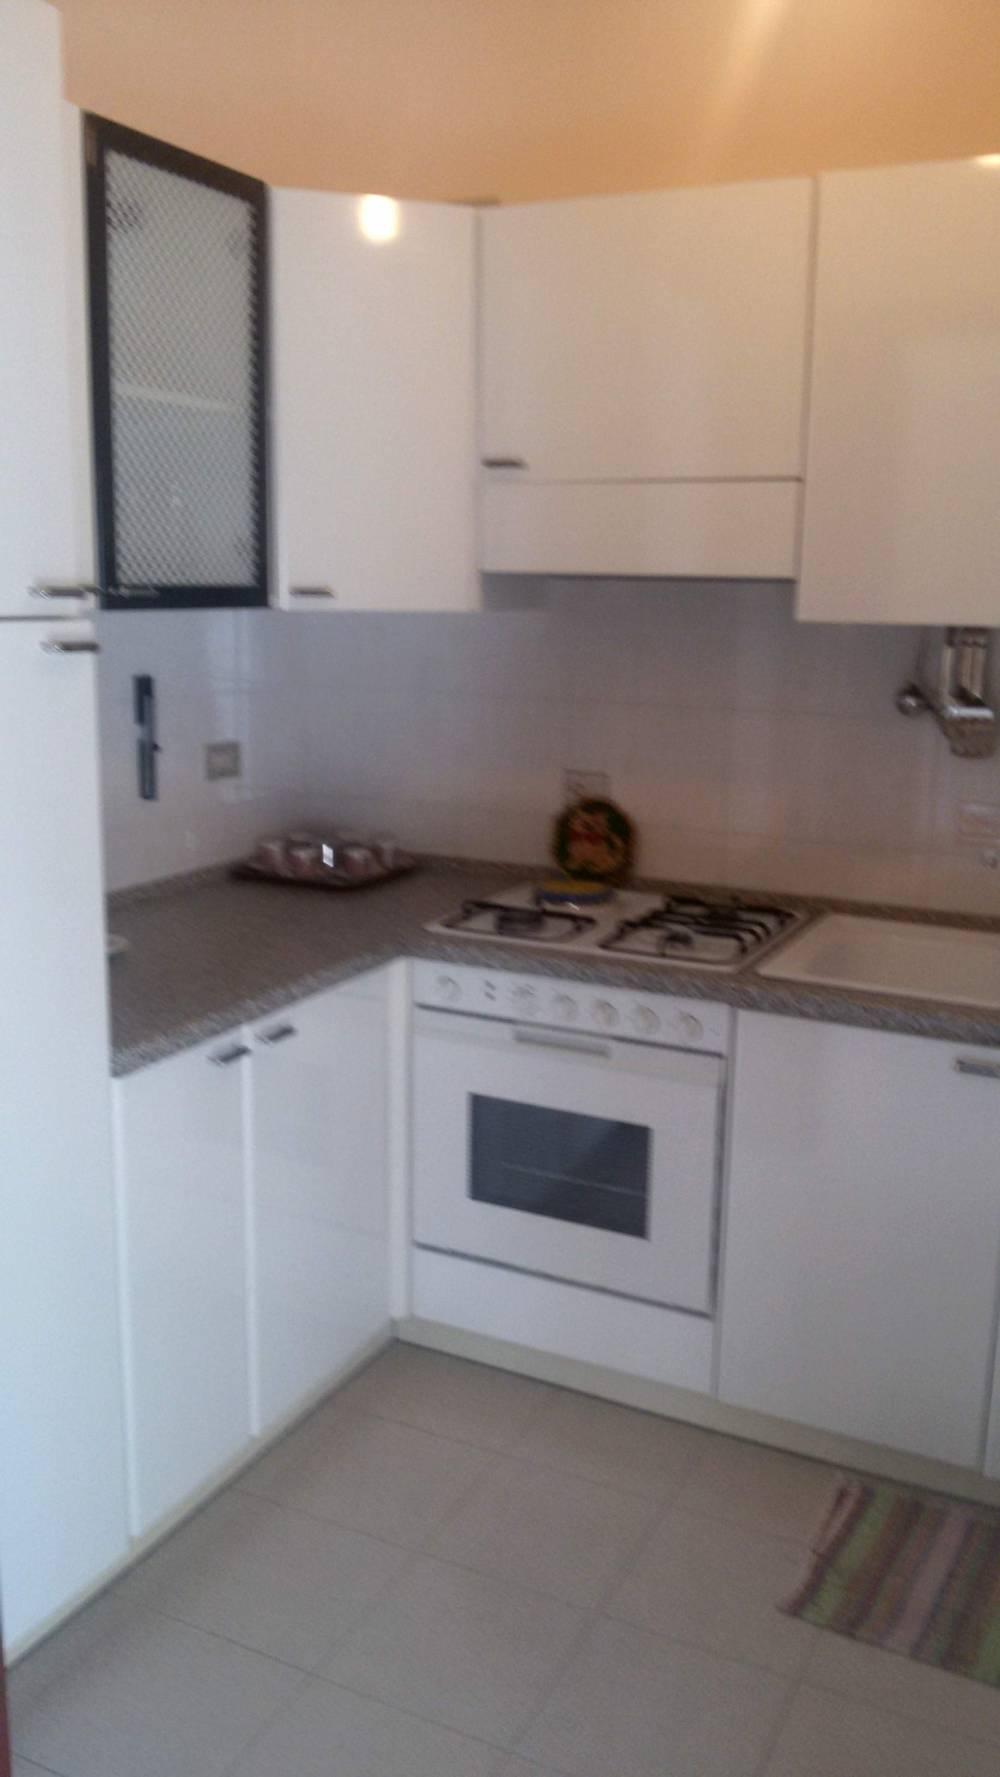 Cucina - Casa n vendita a Capo d'Orlando CD15VF